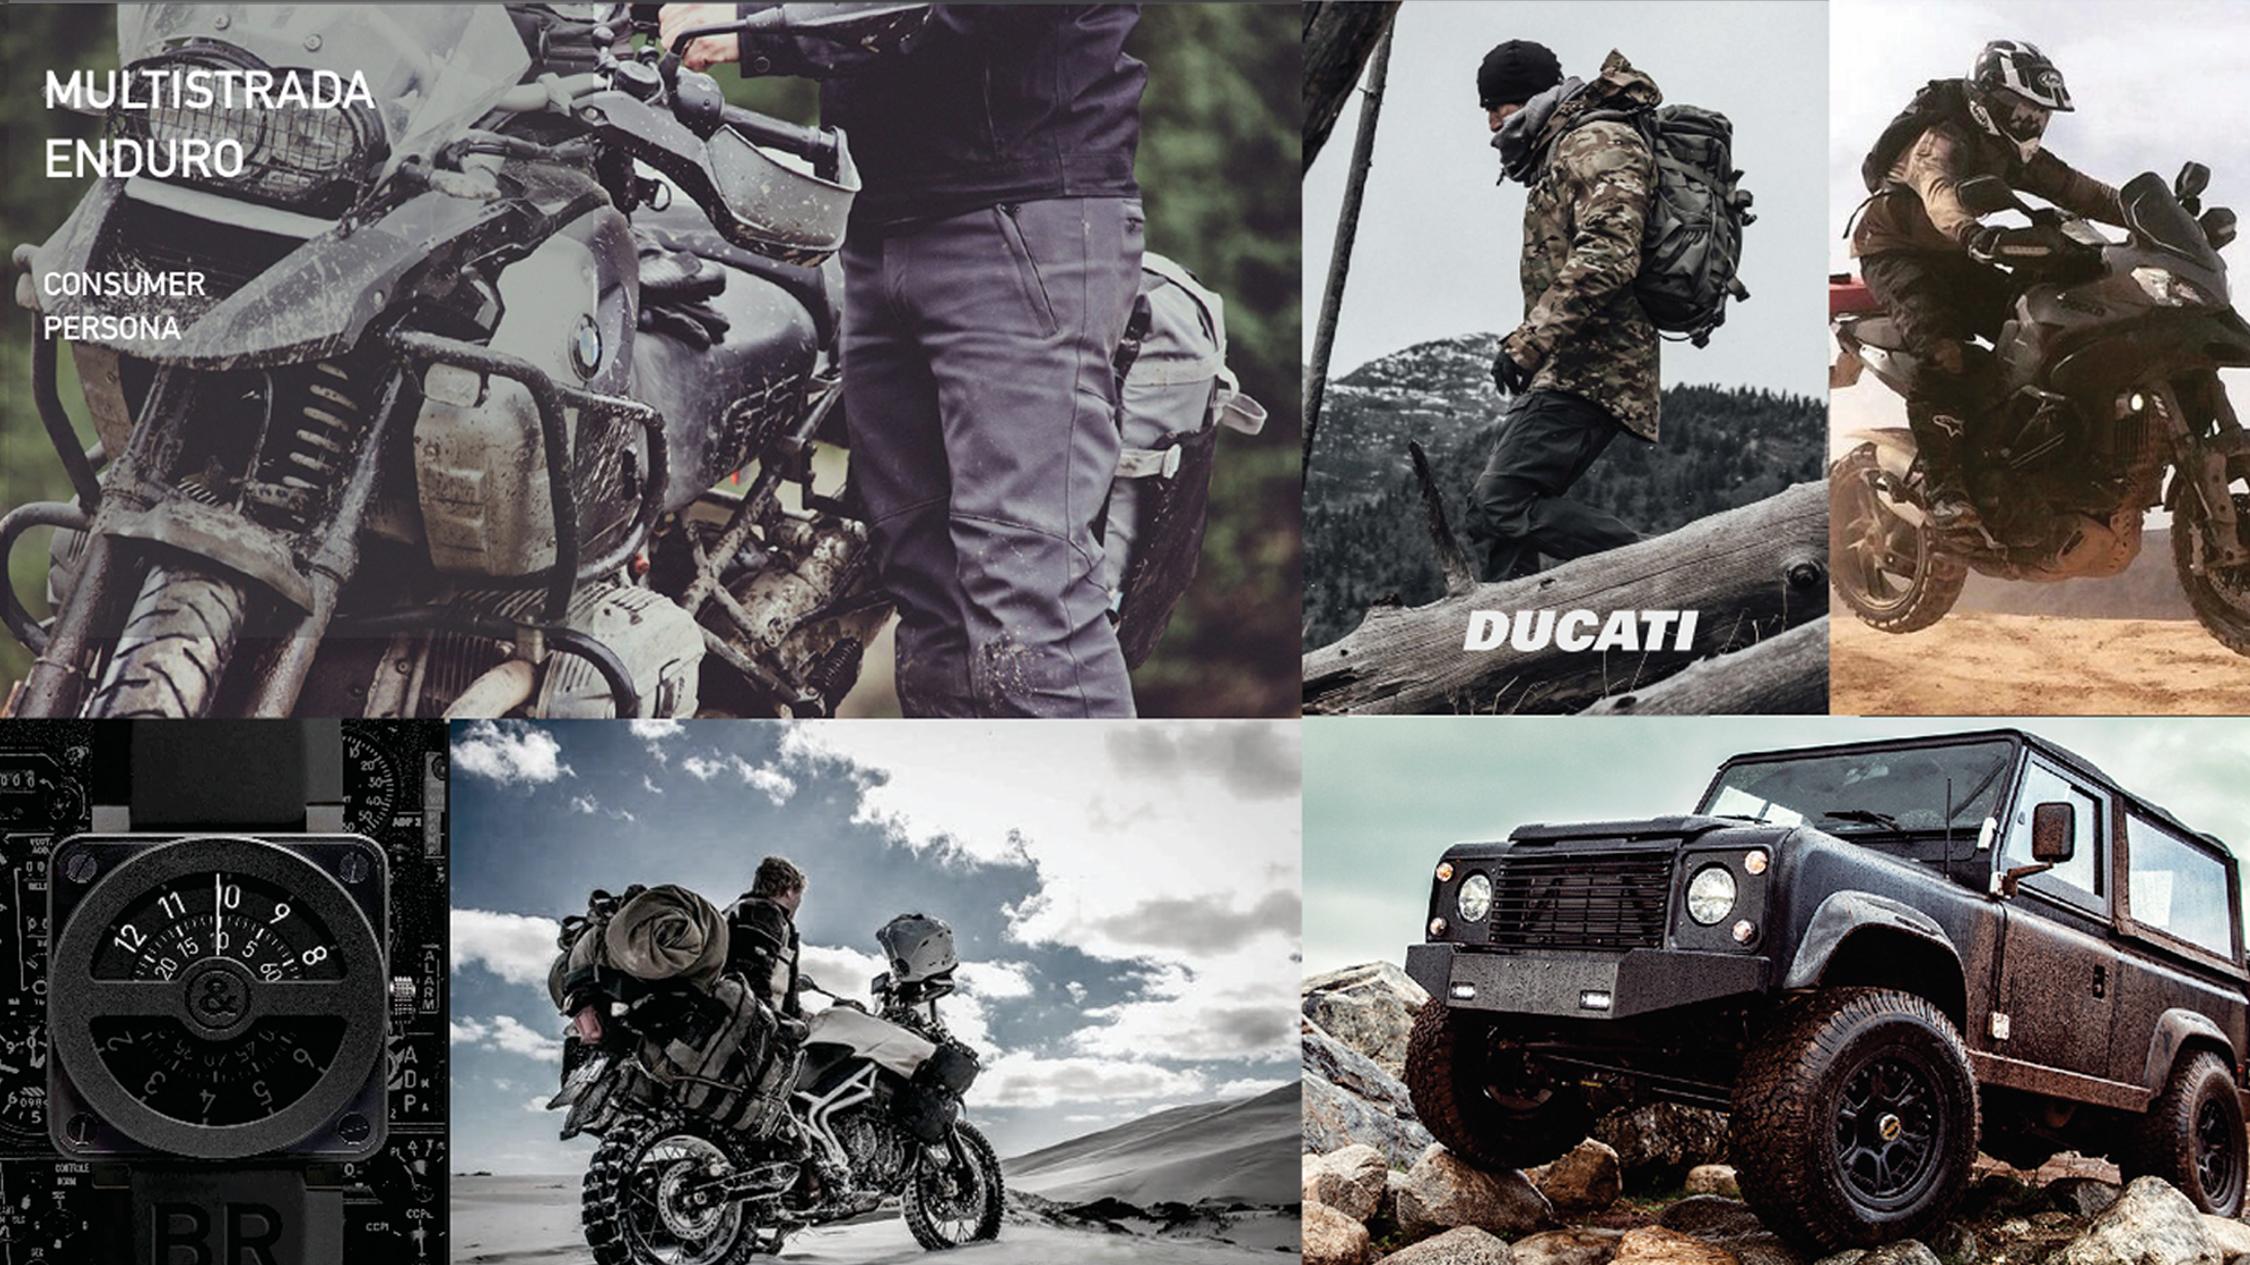 Ducati_30.jpg